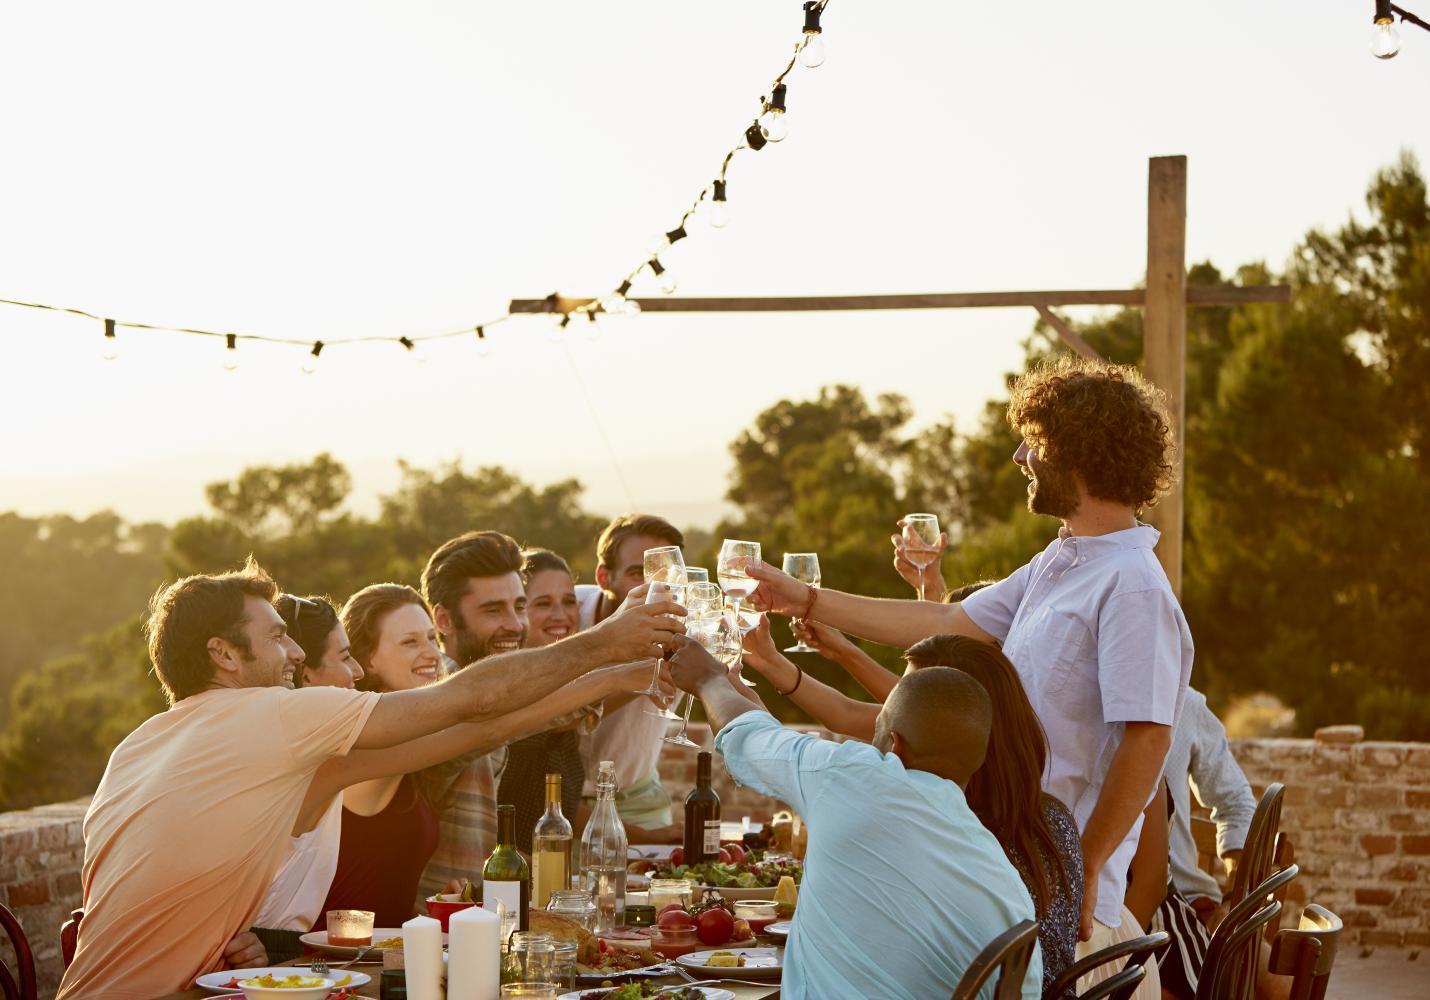 8 bonnes mani res de passer table dans le monde elle for Les bonnes manieres a table en france